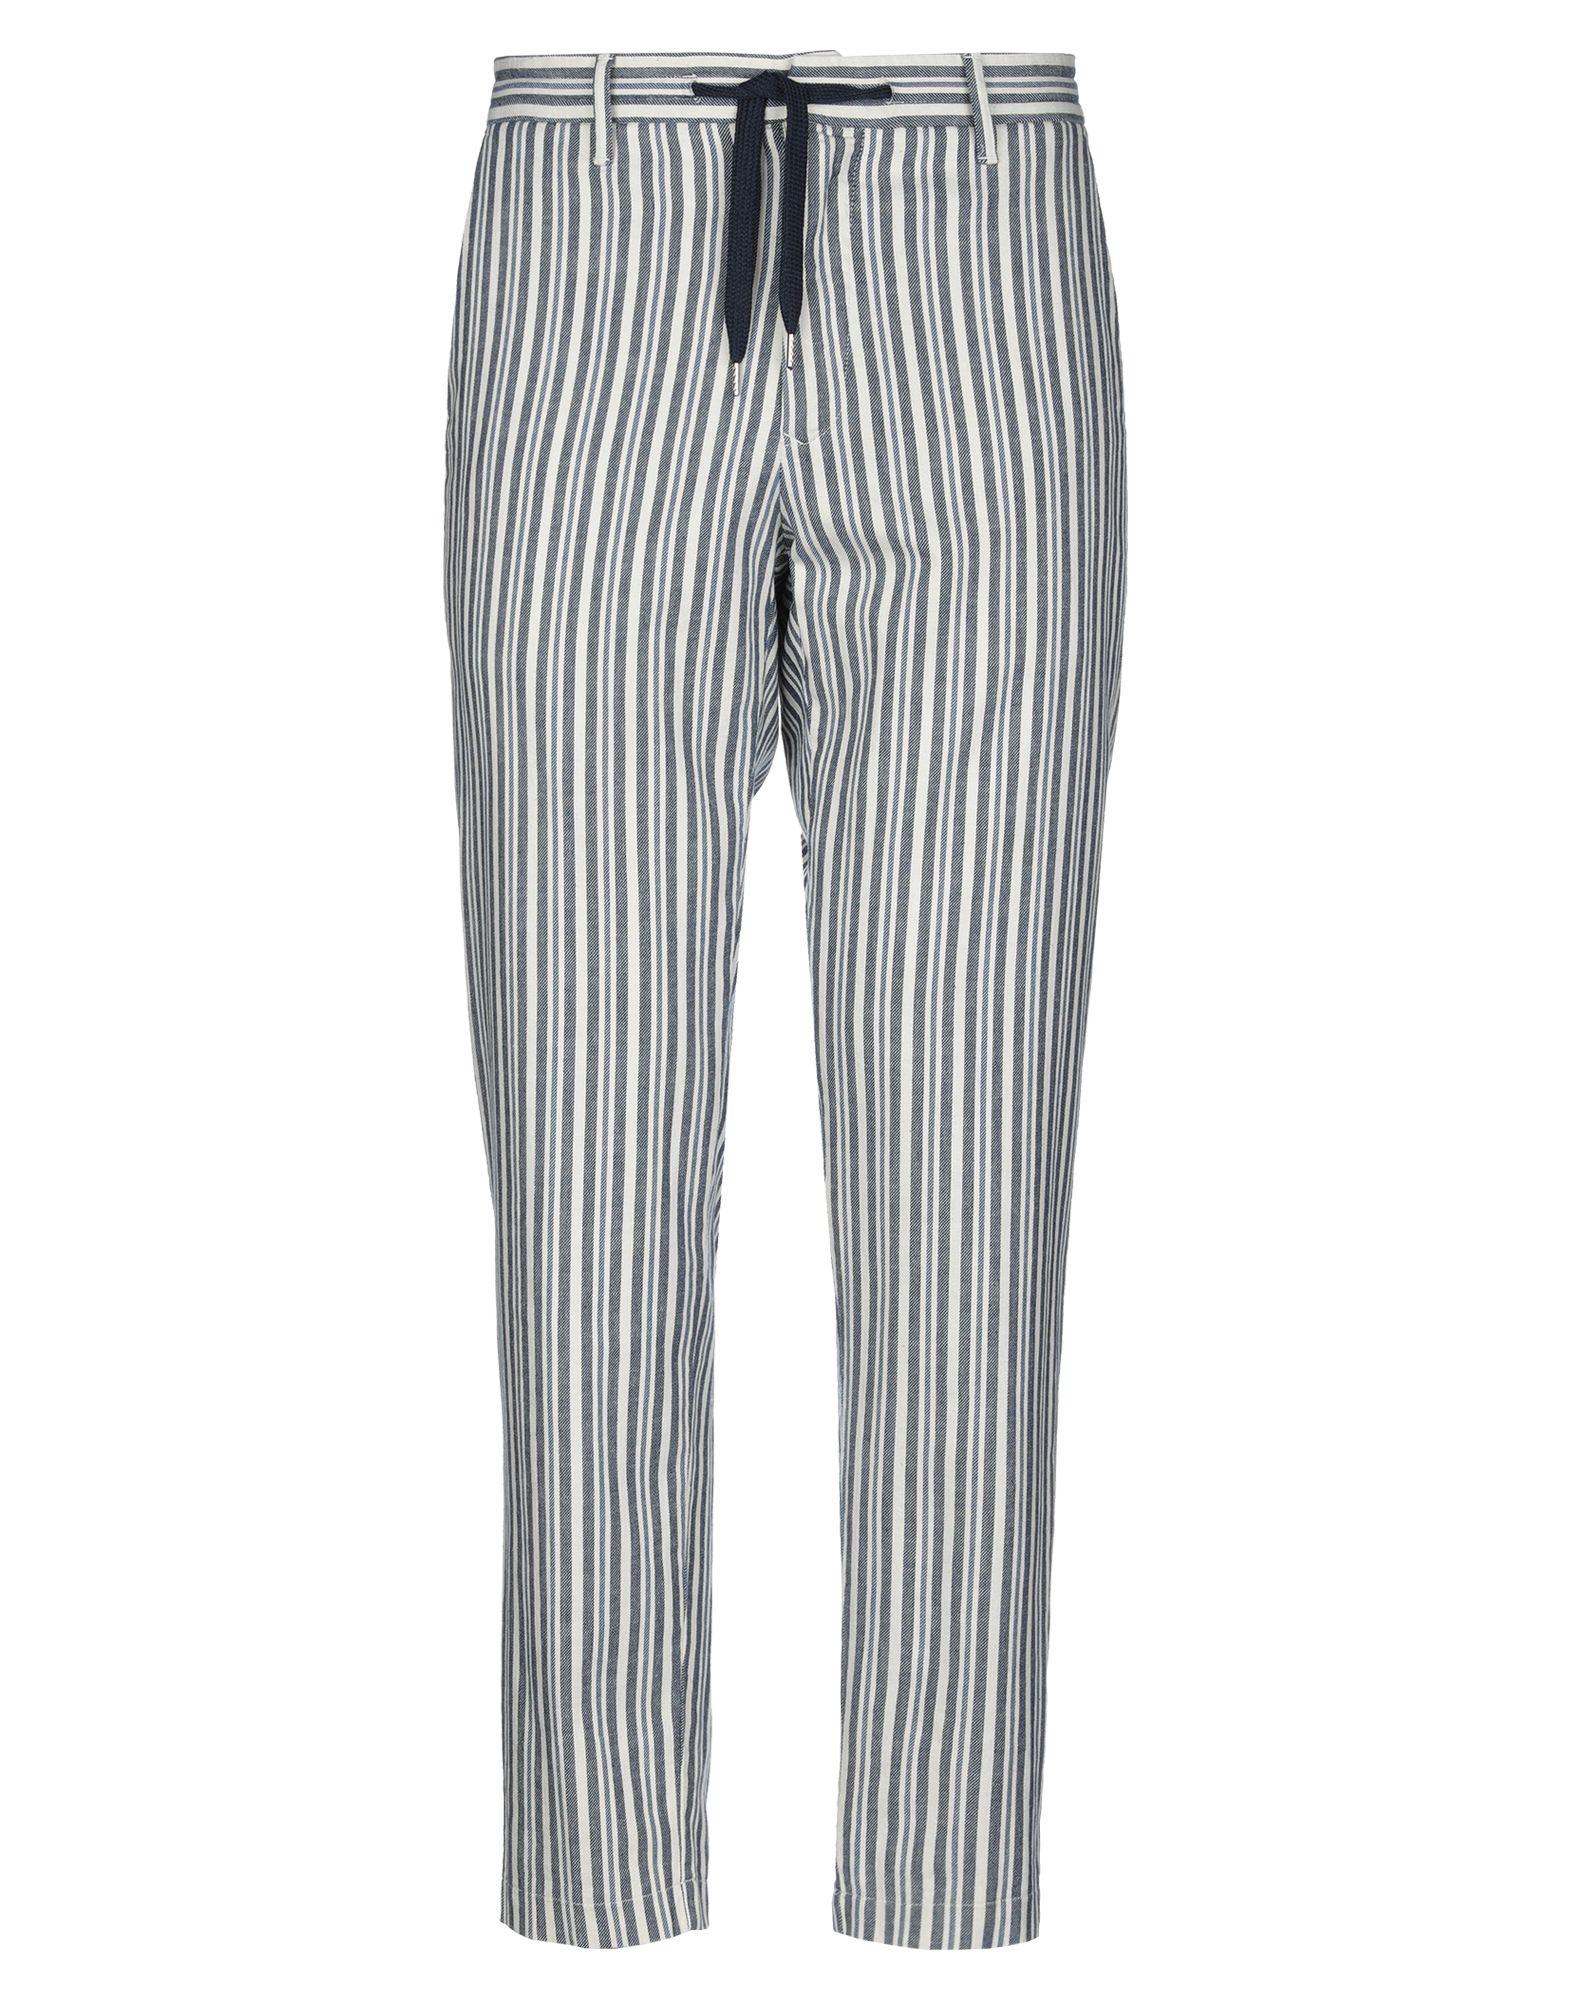 《期間限定セール開催中!》DOUBLE EIGHT メンズ パンツ ダークブルー 52 コットン 99% / ポリウレタン 1%